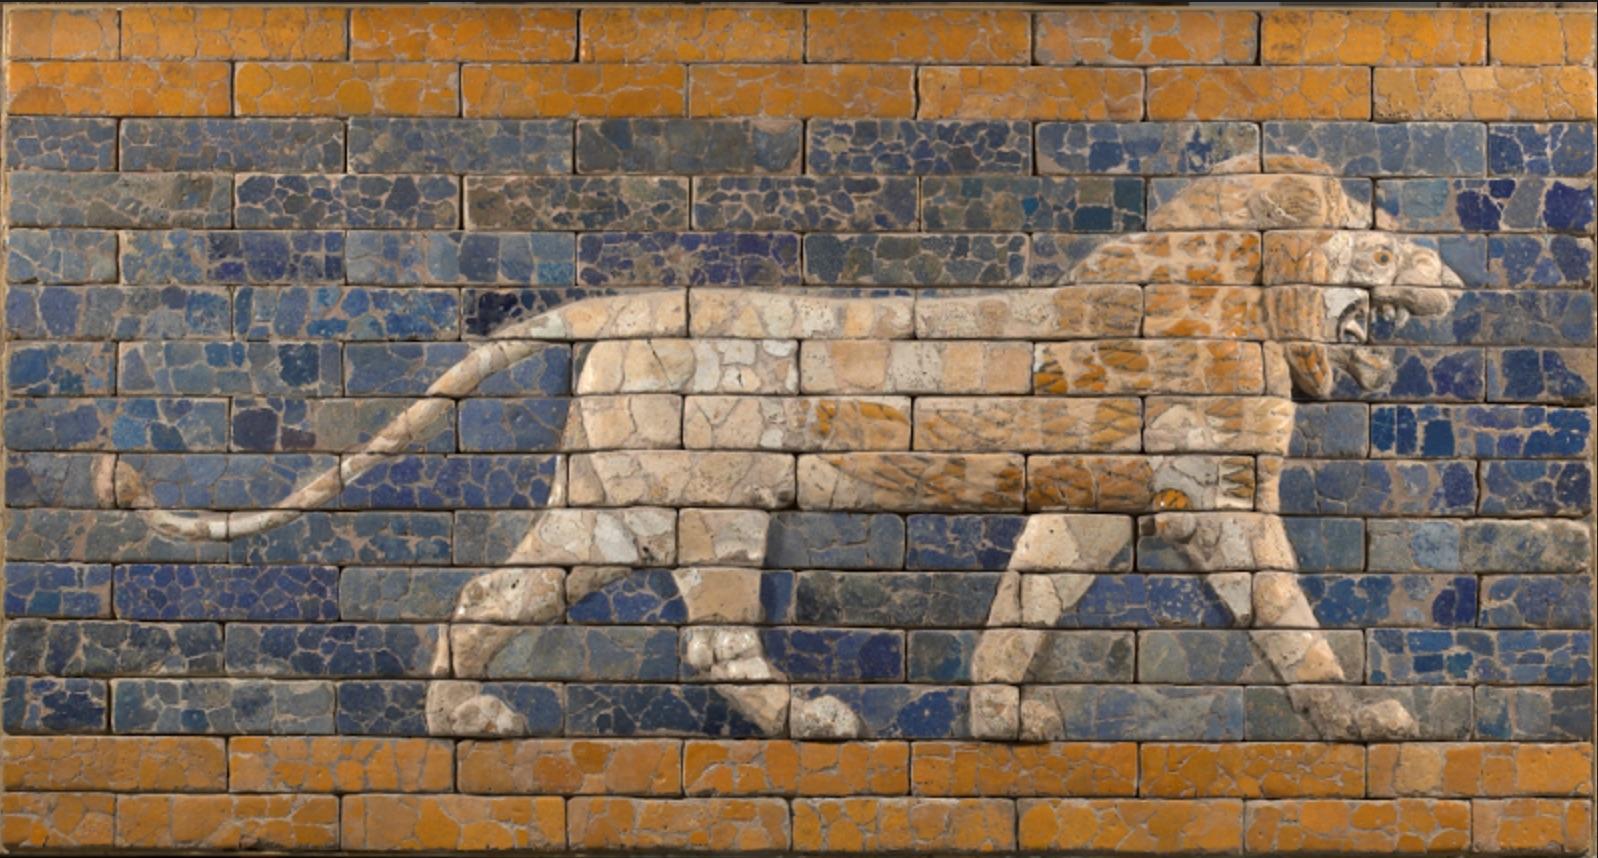 Relleu amb un lleó a la via processional de Babilònia. Babilònia, actual Iraq. Cap al 575 aCStaatliche Museen zu Berlin, Vorderasiatisches Museum. Fotografia: Olaf M. Teßmer